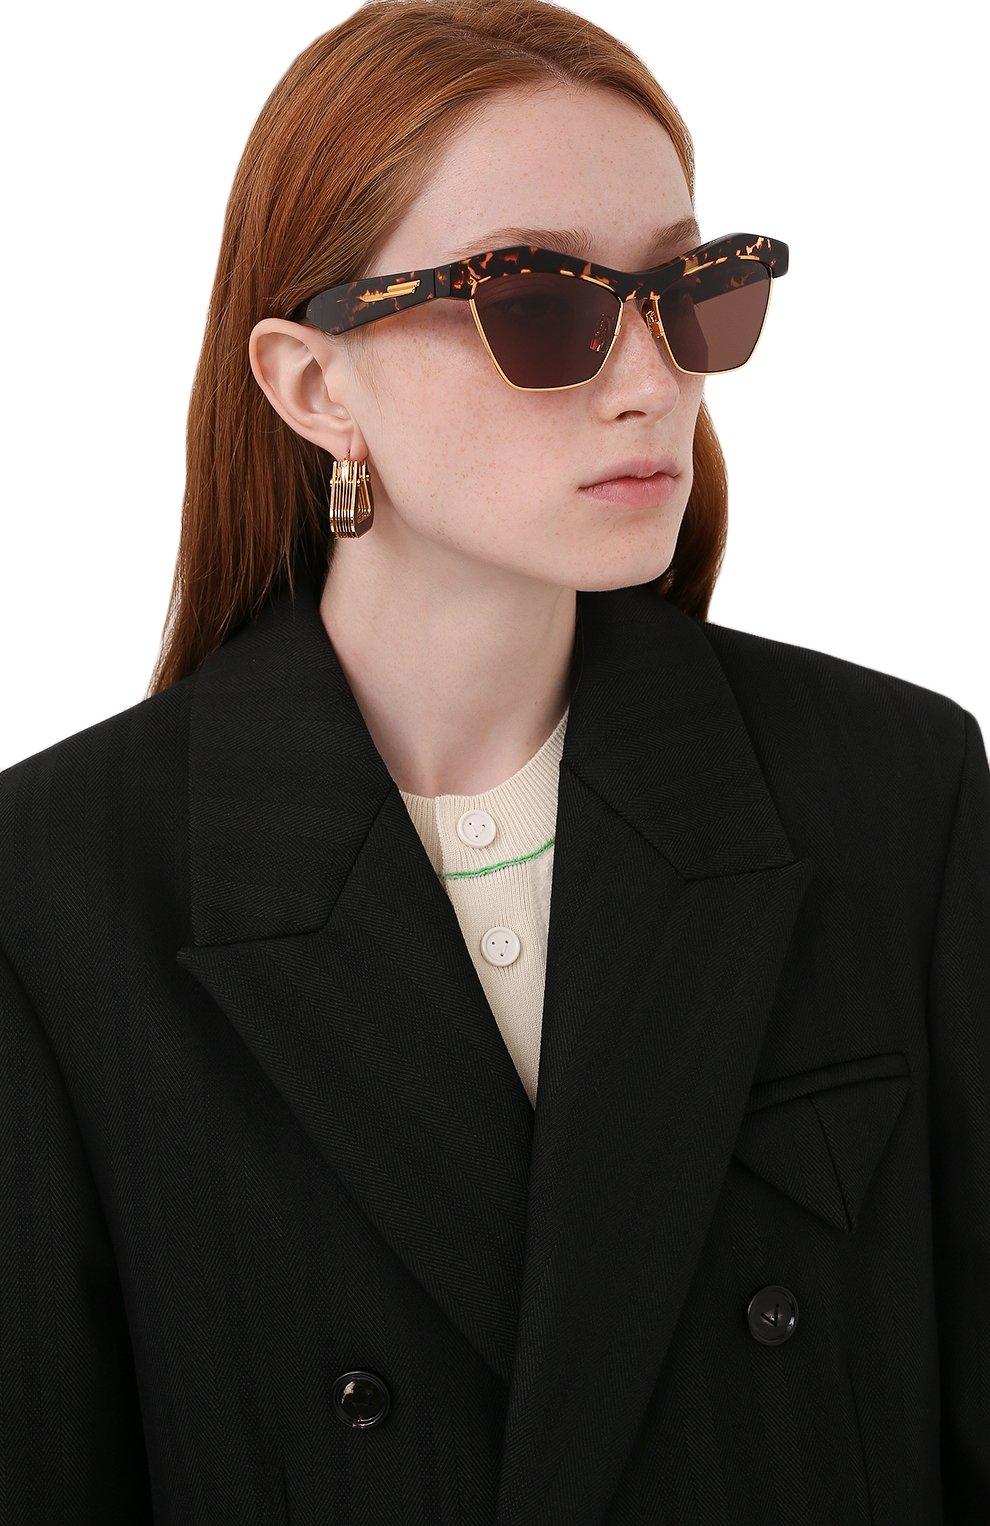 Женские солнцезащитные очки BOTTEGA VENETA коричневого цвета, арт. 668007/V2331   Фото 2